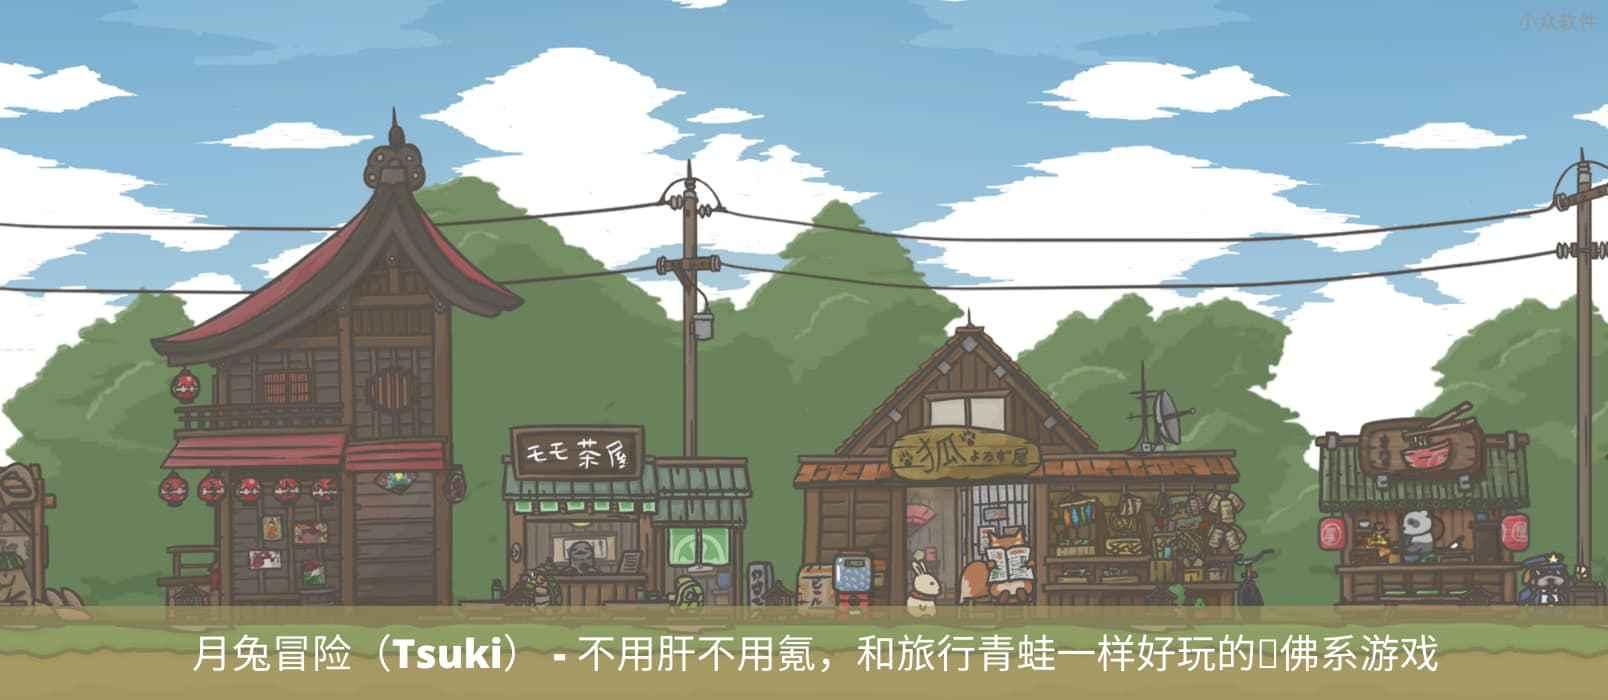 月兔冒险(Tsuki) 与旅行青蛙一样好玩的佛系游戏